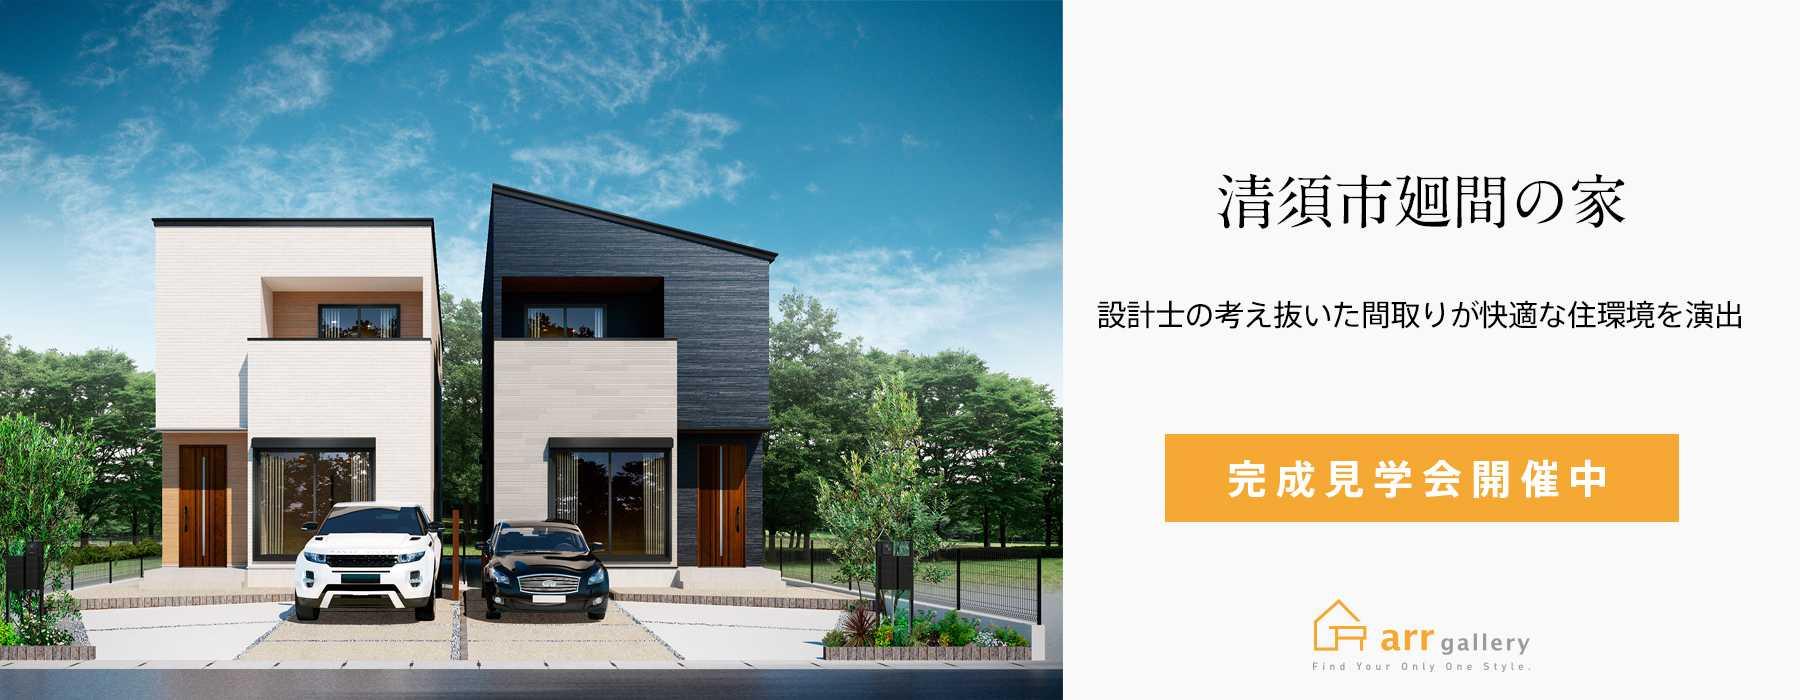 清須市廻間の家